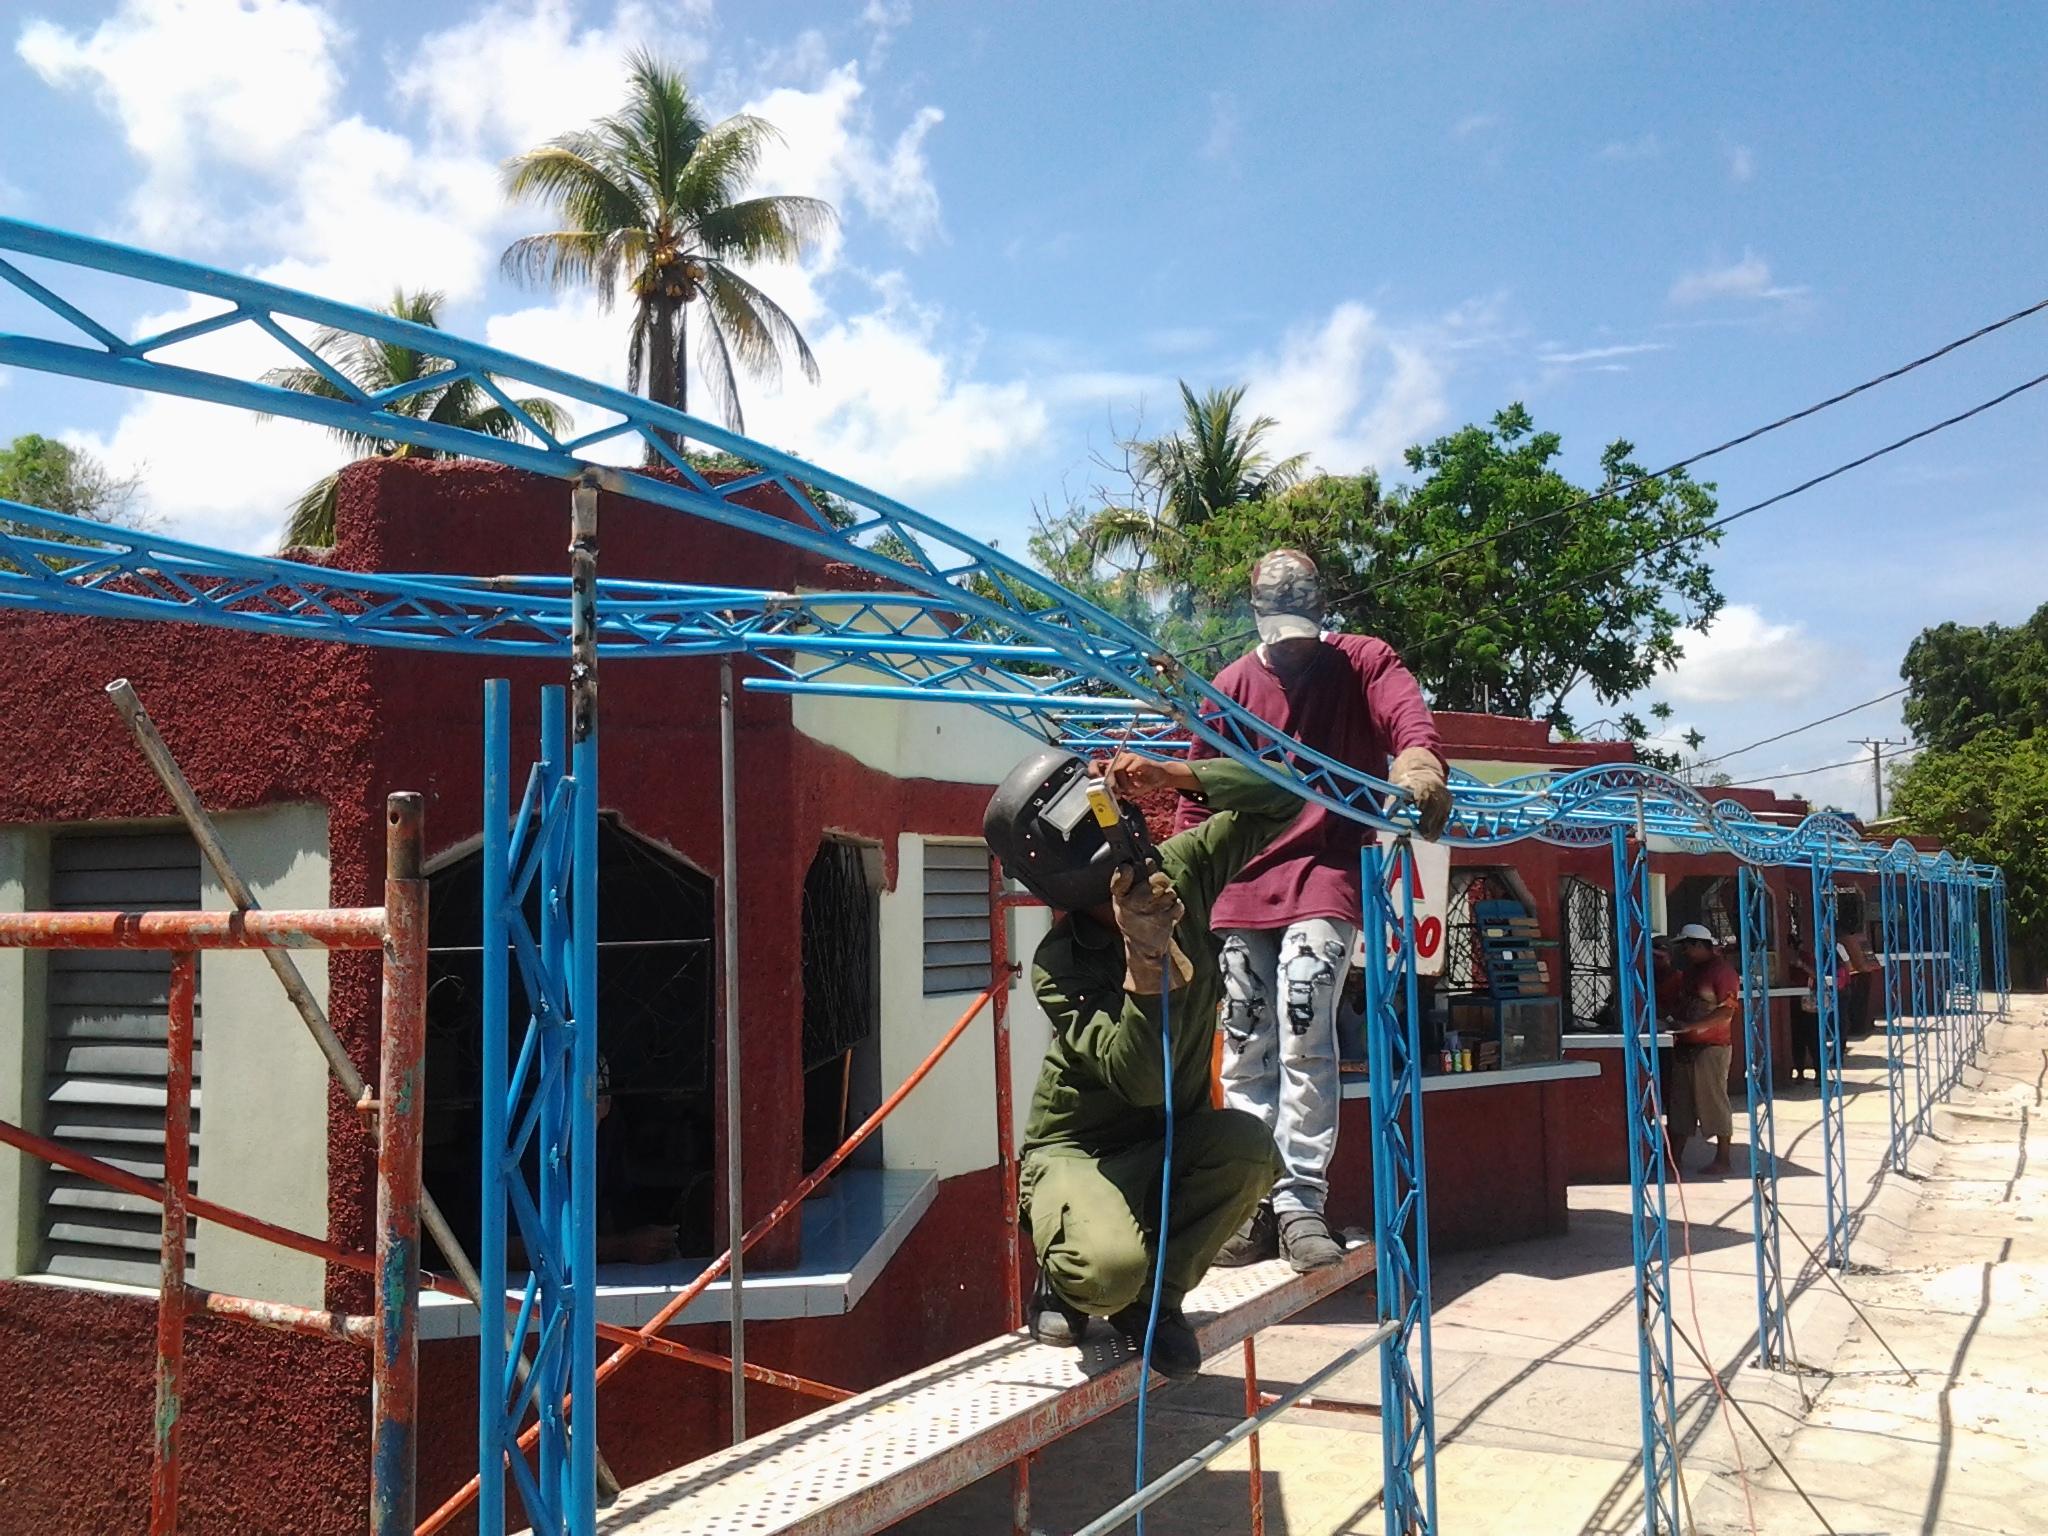 Reparan obras sociales con motivo de aniversario de gesta independentista cubana